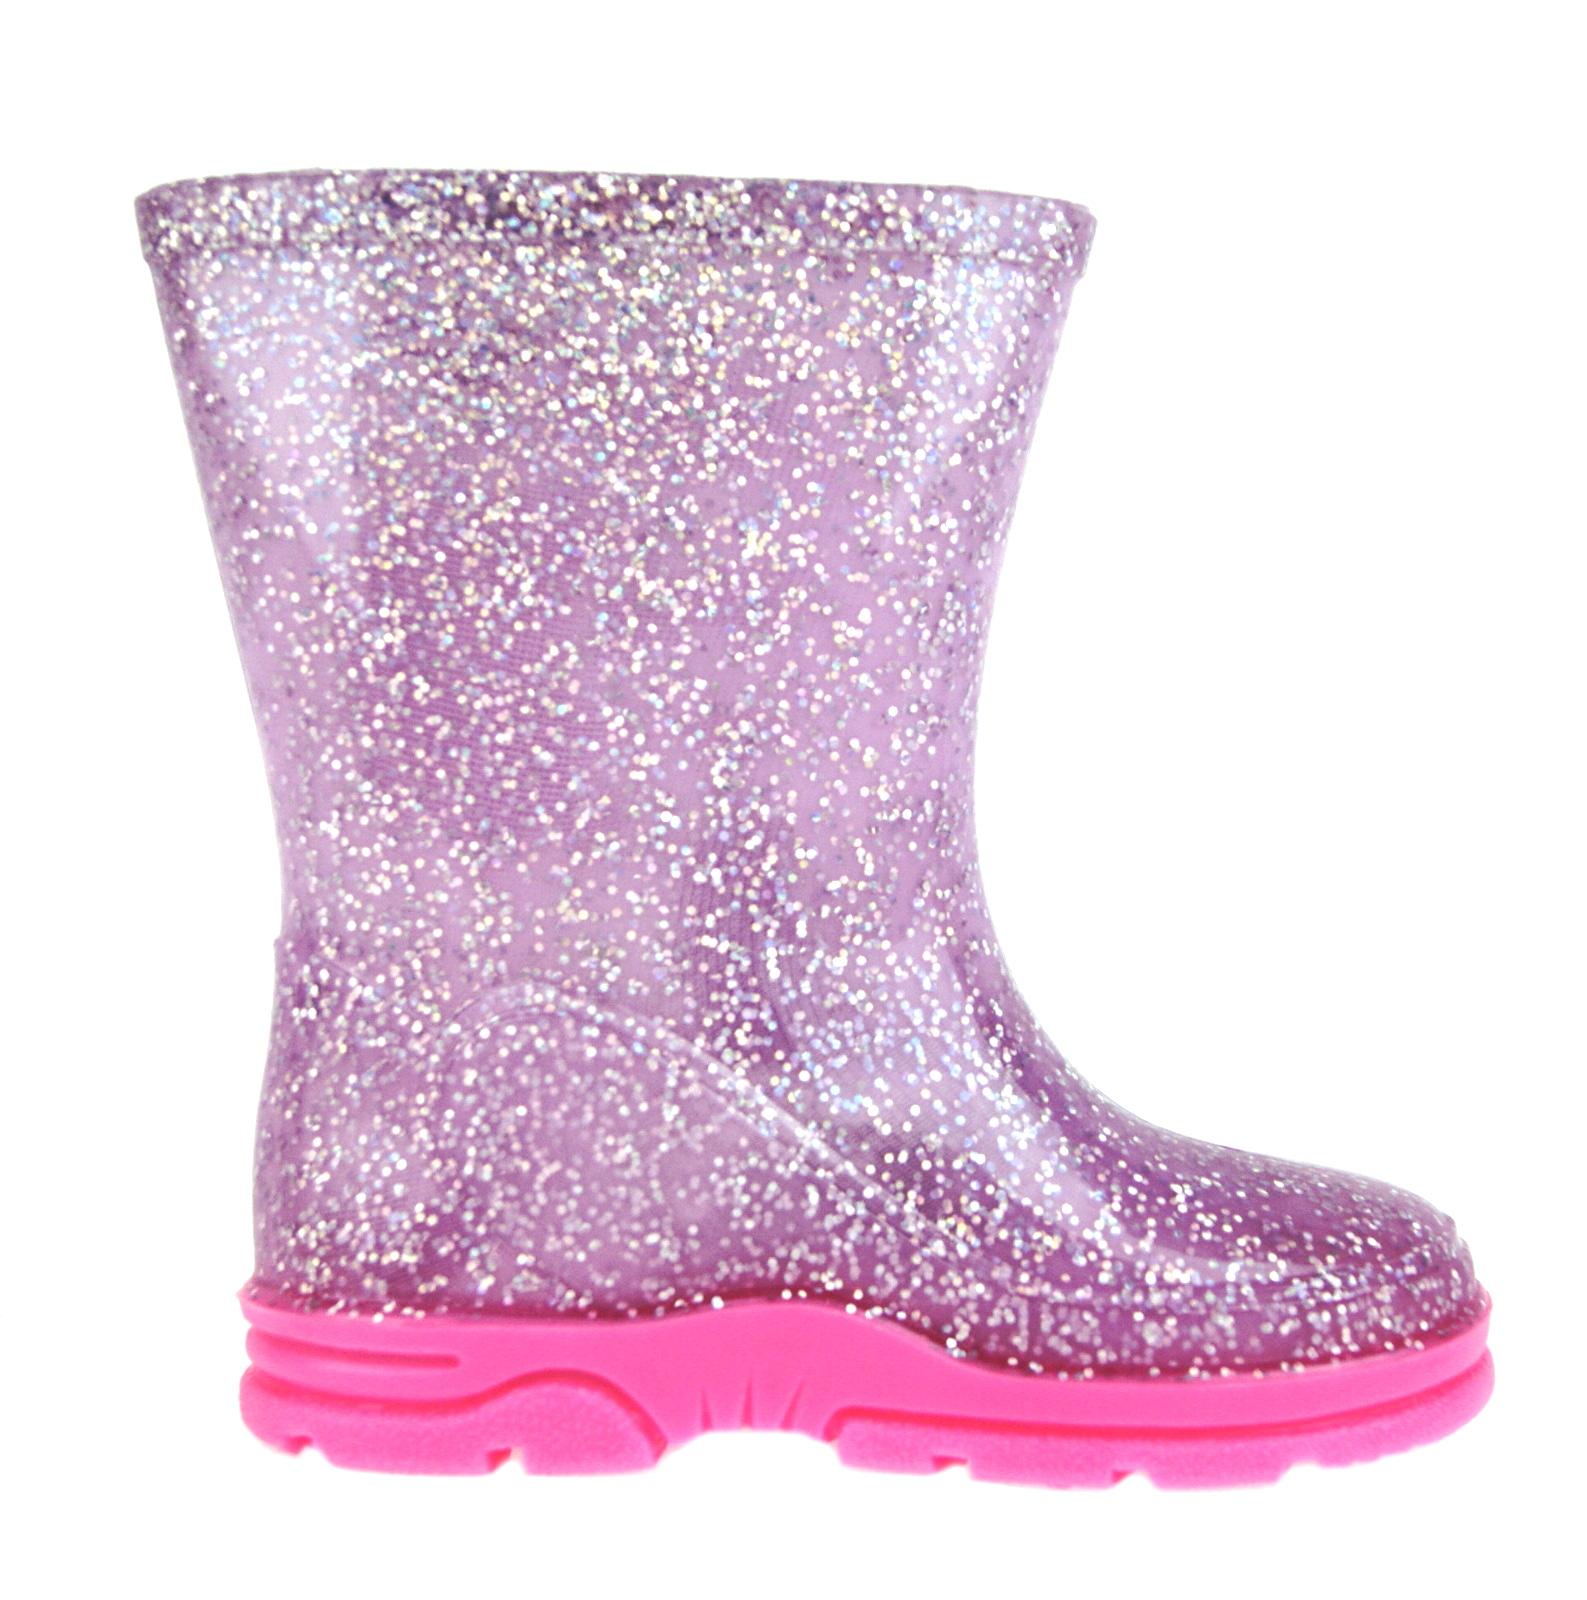 Girls-Peppa-Pig-Wellington-Boots-Mid-Calf-Gitter-Snow-Rain-Wellies-Kids-Size Indexbild 16